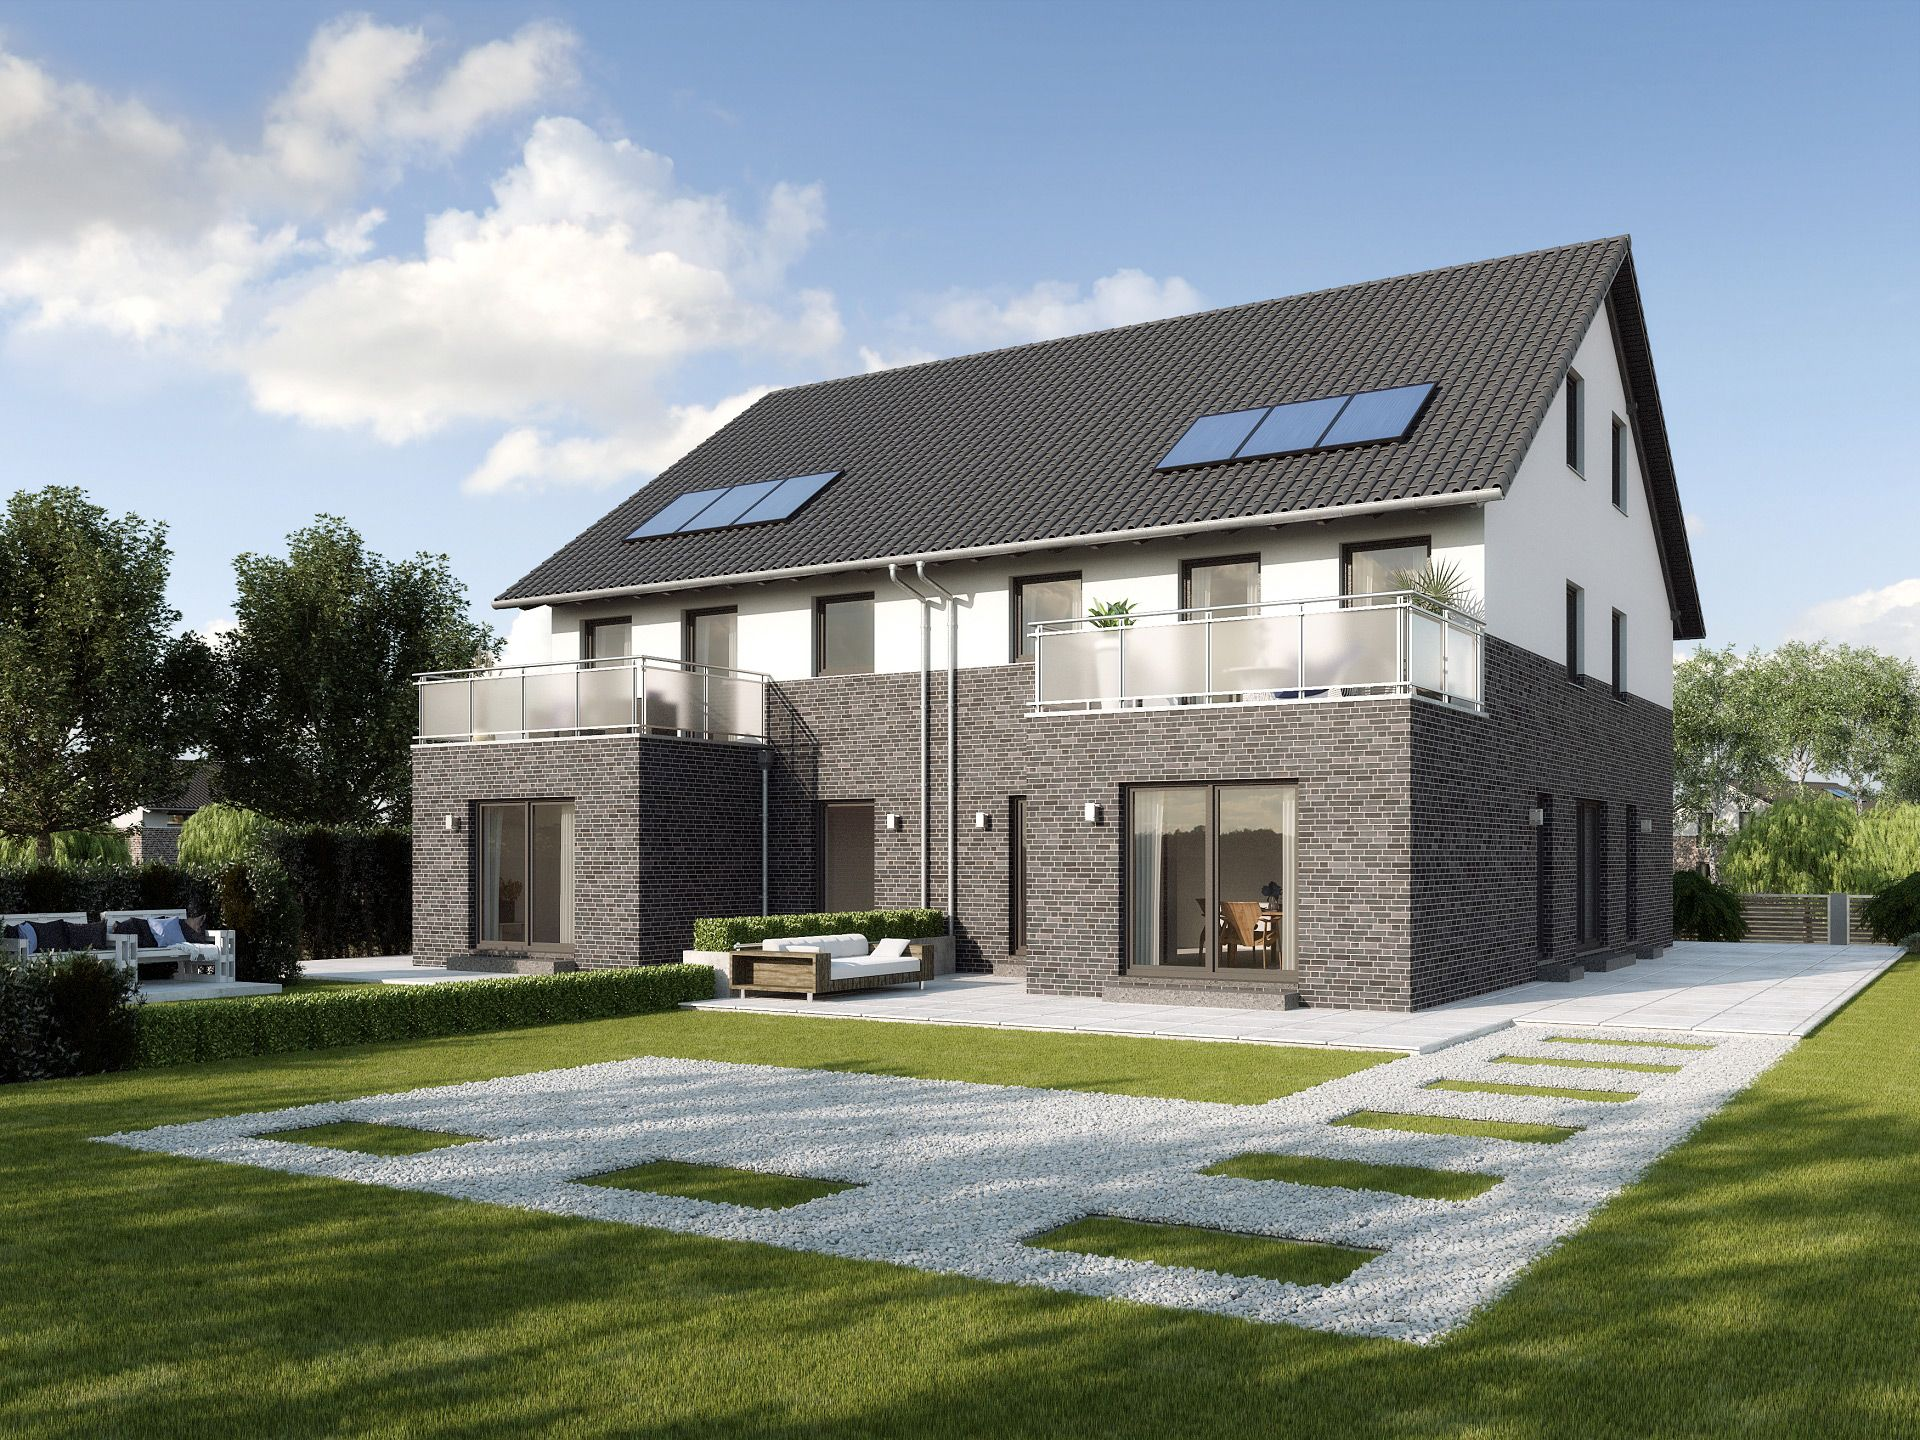 Doppelhaus monza • doppelhaus von gussek haus • fertighaus mit einliegerwohnung moderner fassaden optik